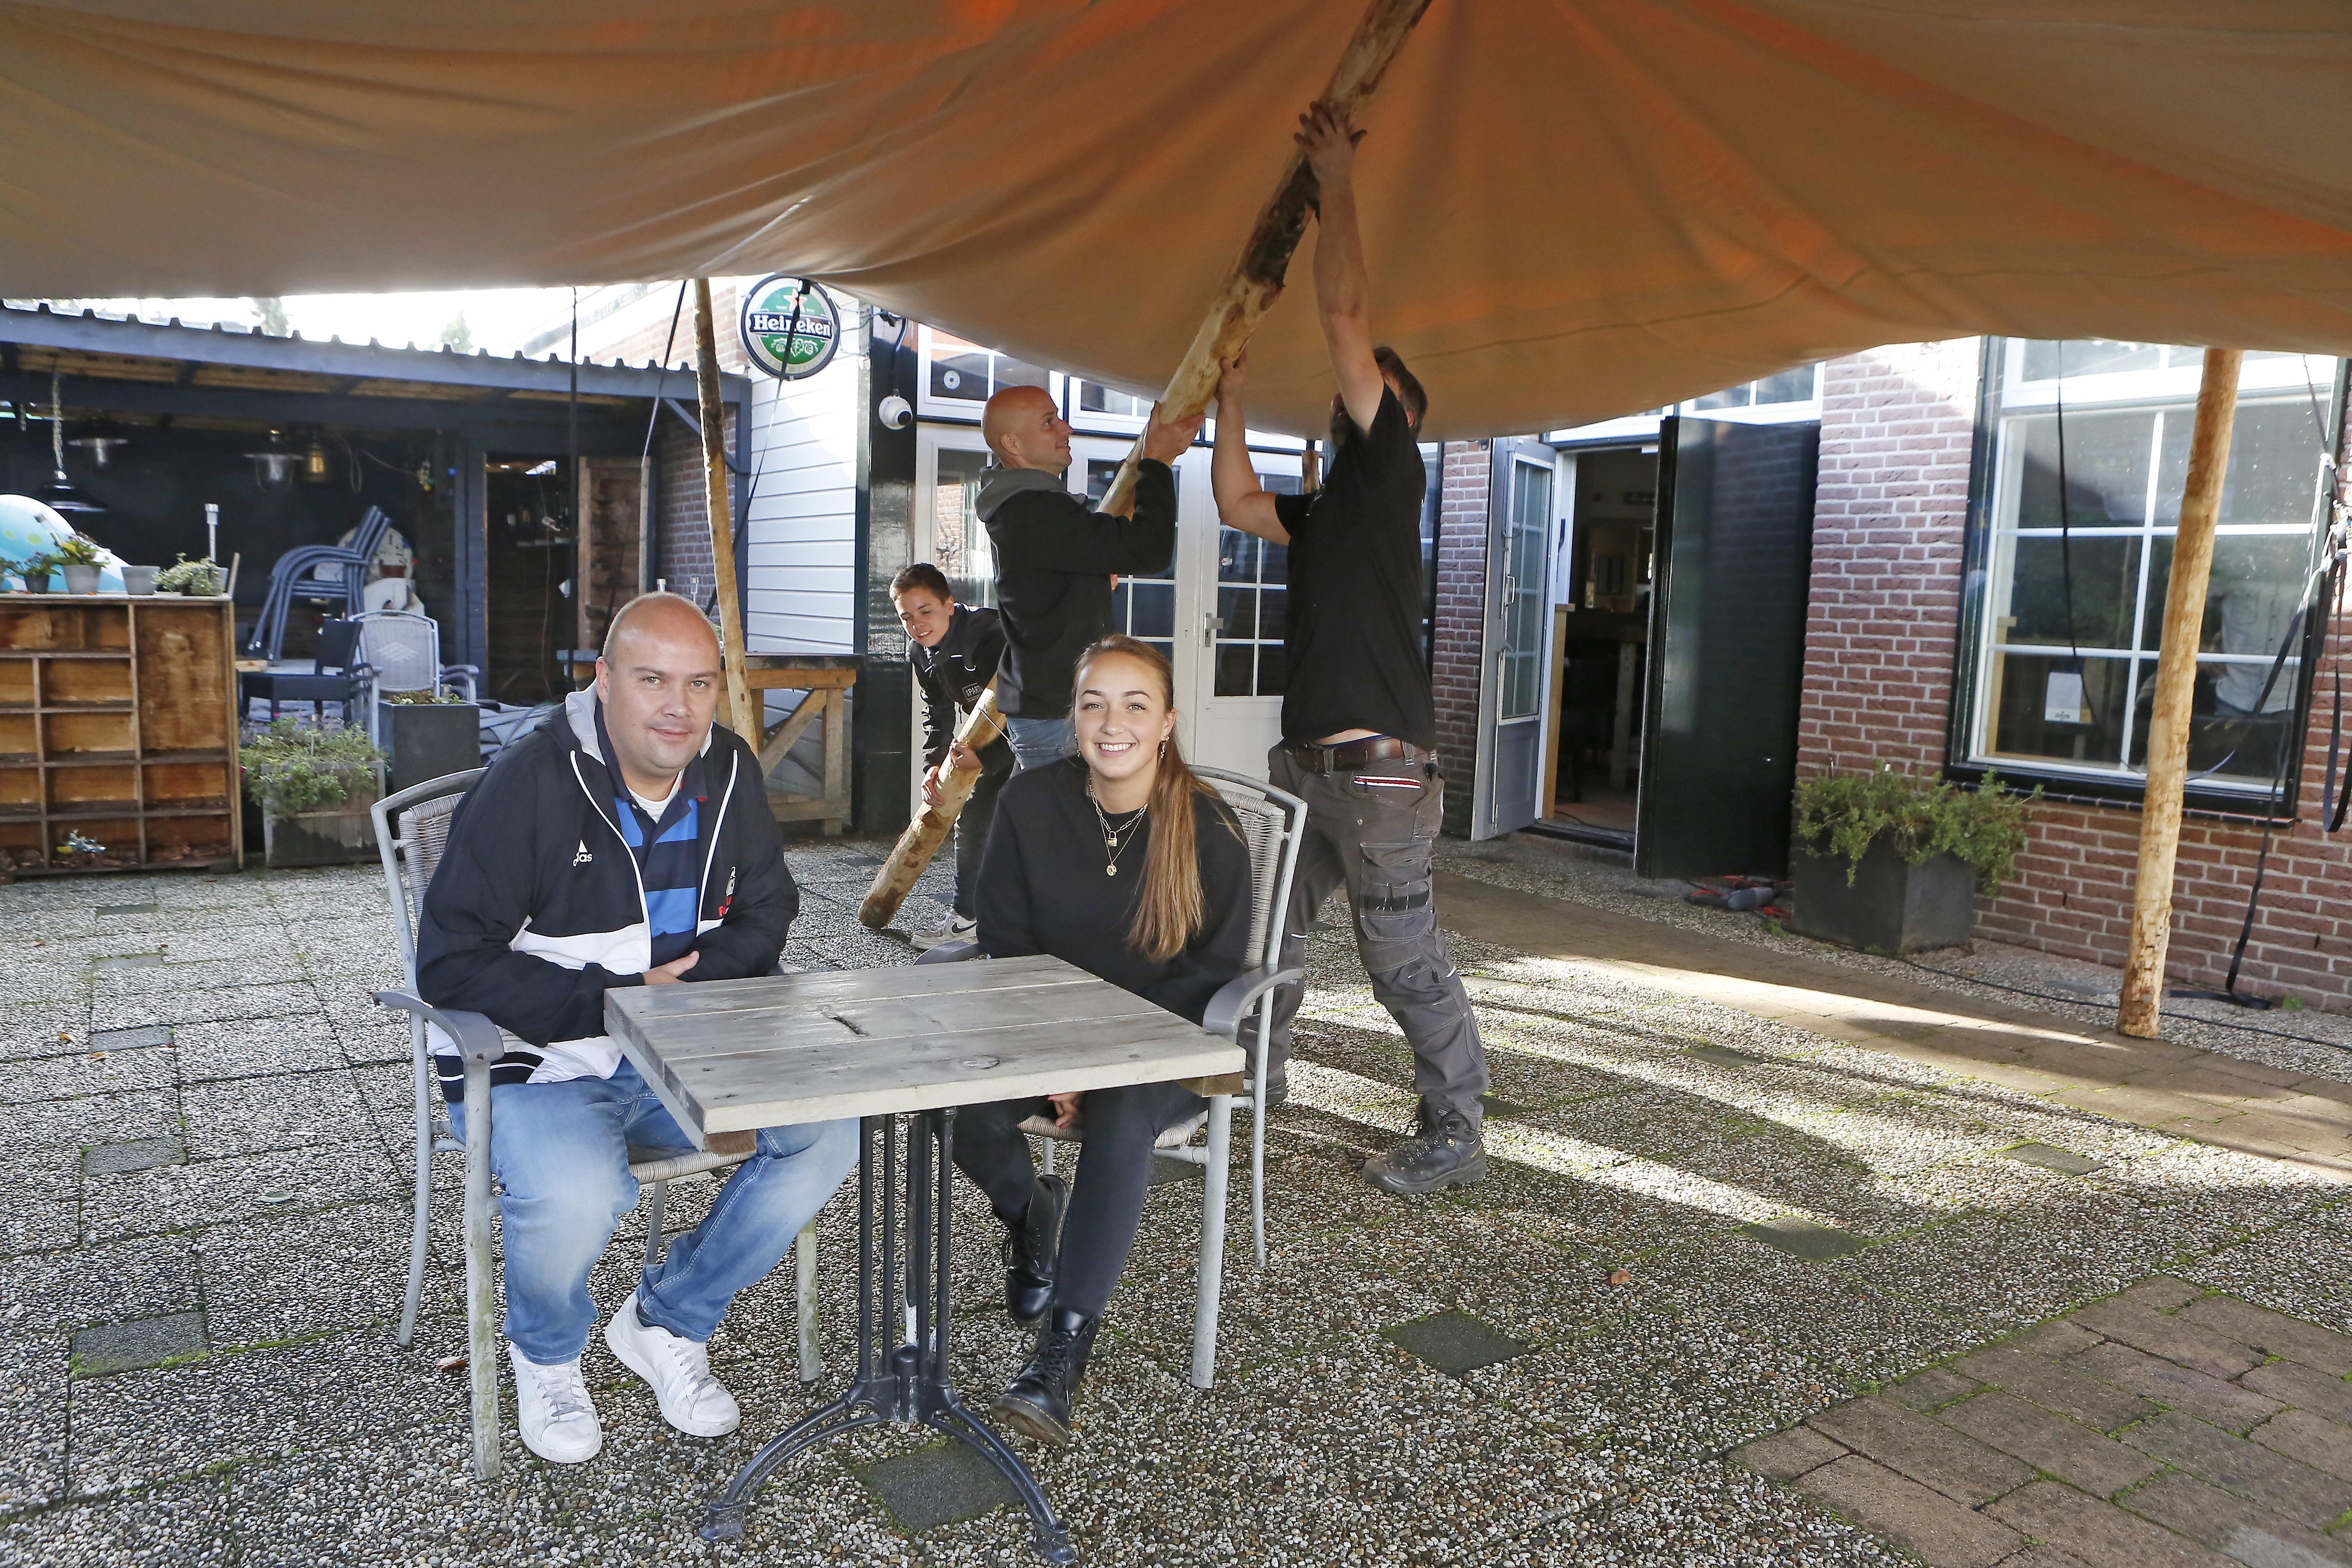 Soester café d'Oude Enghe heeft een lekker overdekt terras, maar daar mag je voorlopig nog niet zitten van de gemeente; Uitbater Arnoud Boer heeft de barbecue maar weer afgelast...